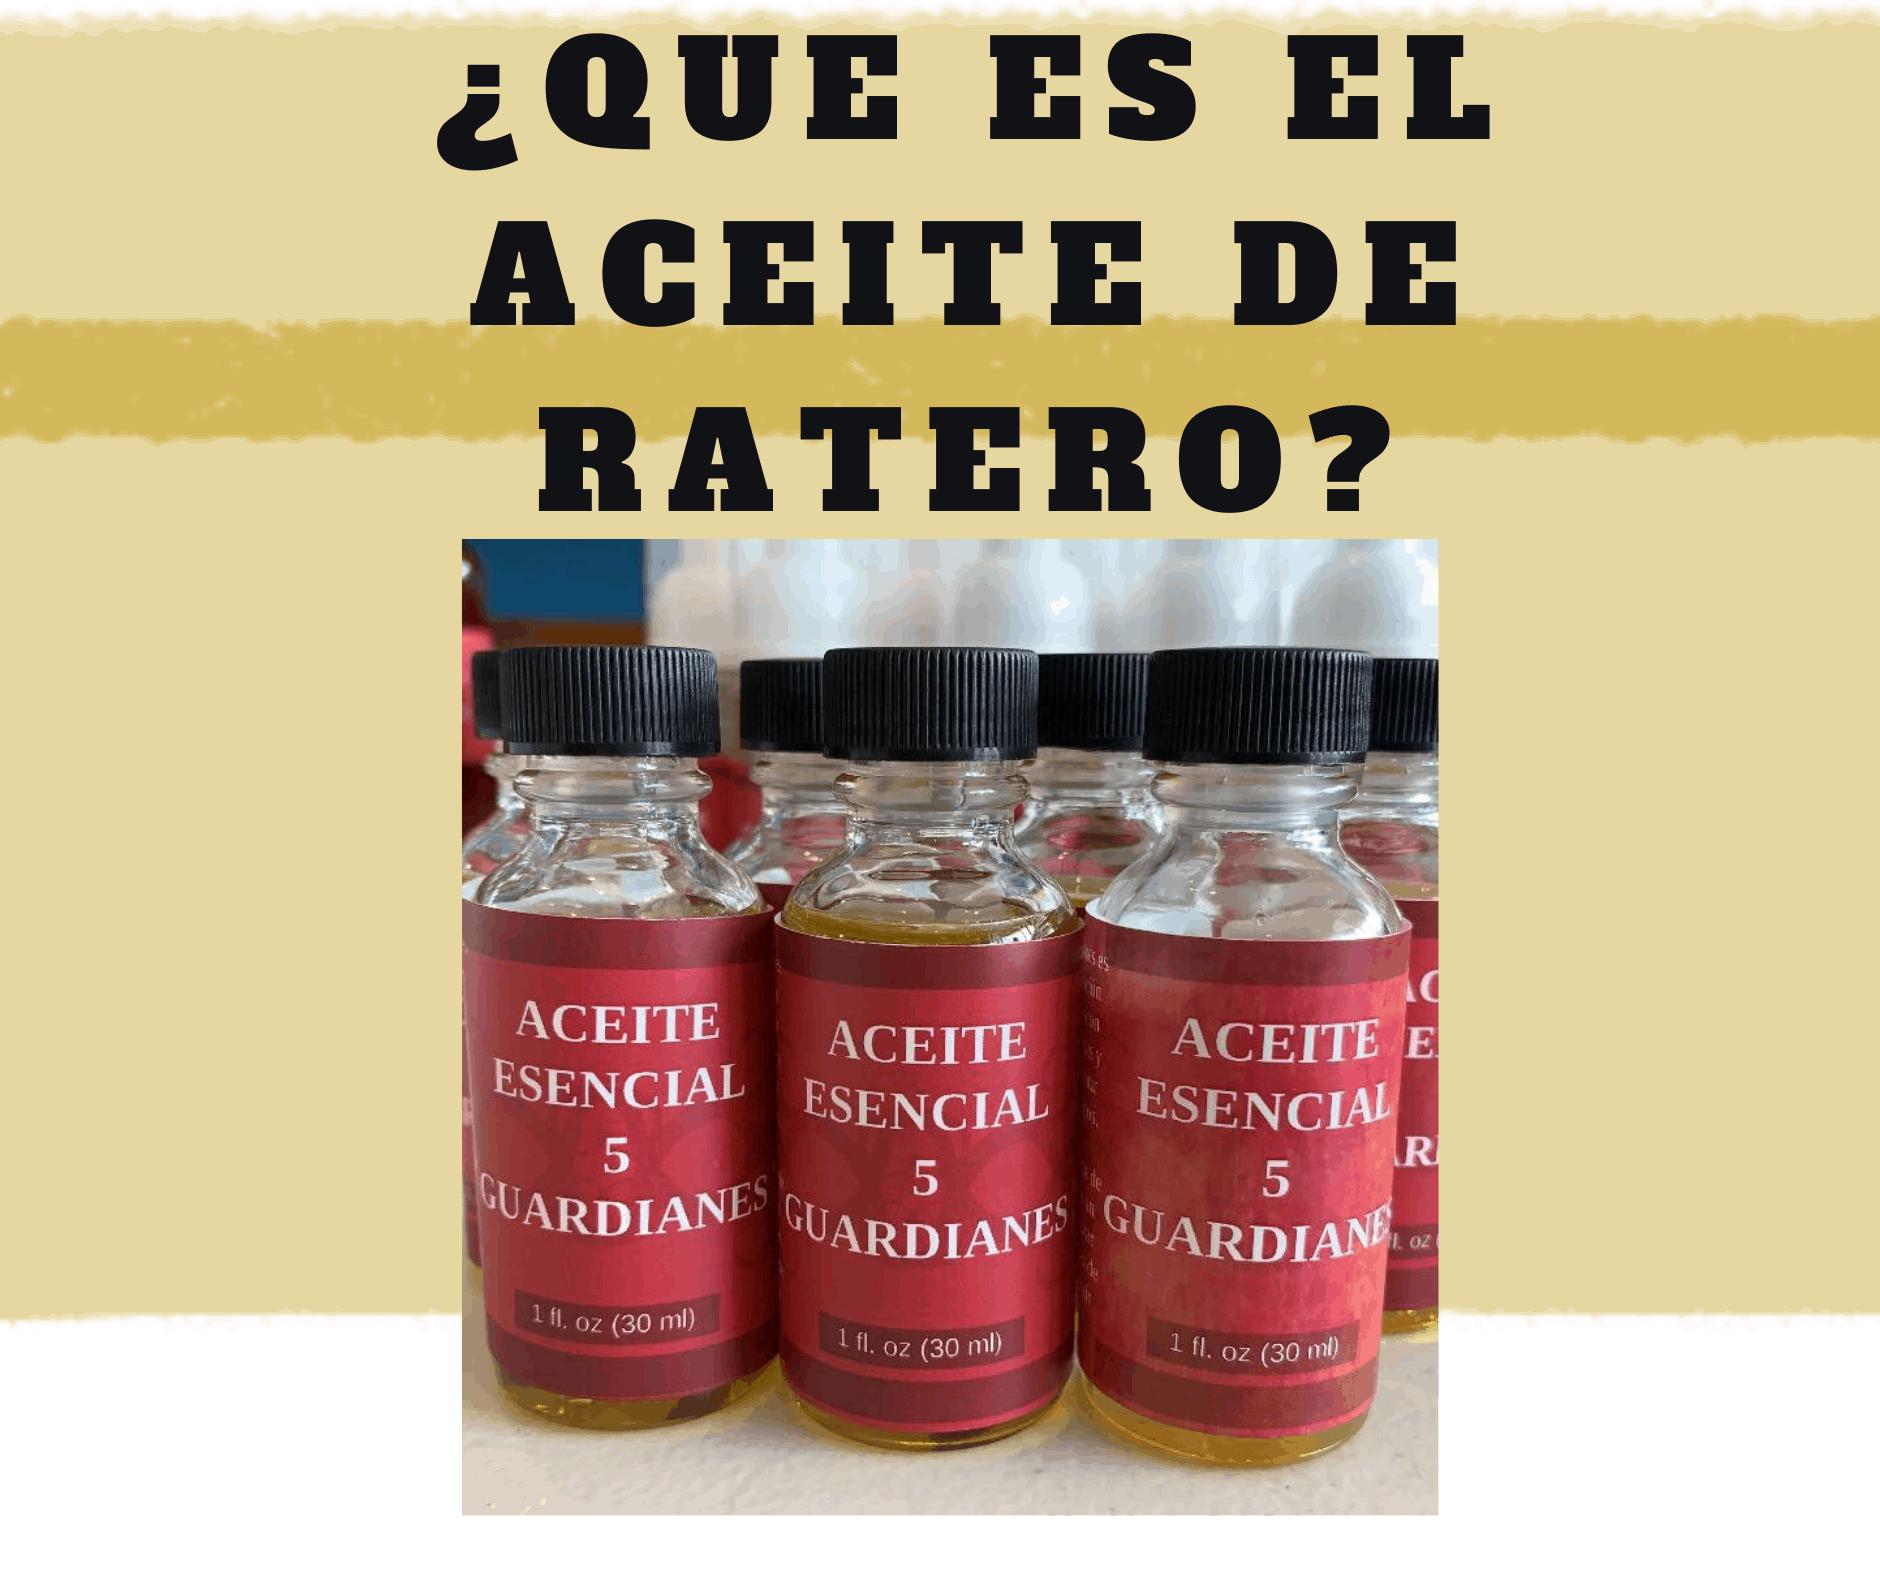 Aceite 5 guardianes nuestra receta aceite ratero